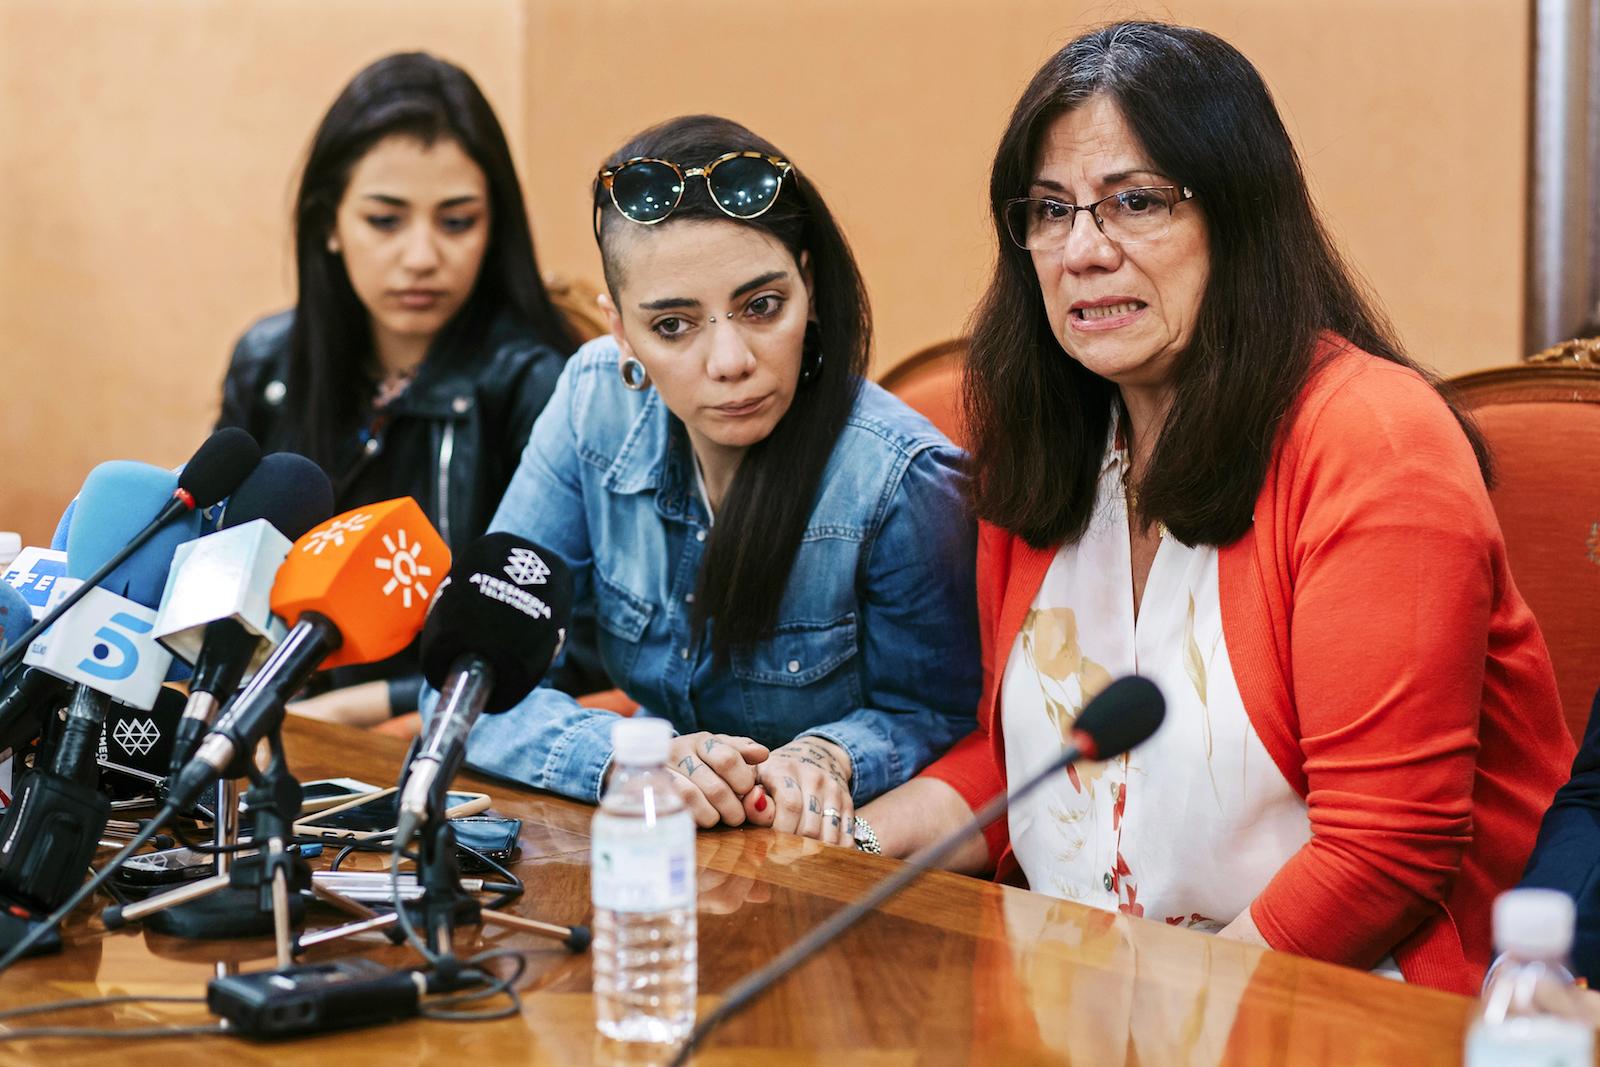 შაზა ისმაილი მარცხნივ, ხიმენა რიკო შუაში და ხიმენა რიკოს დედა მარჯვნივ © EPA/CARLOS DIAZ